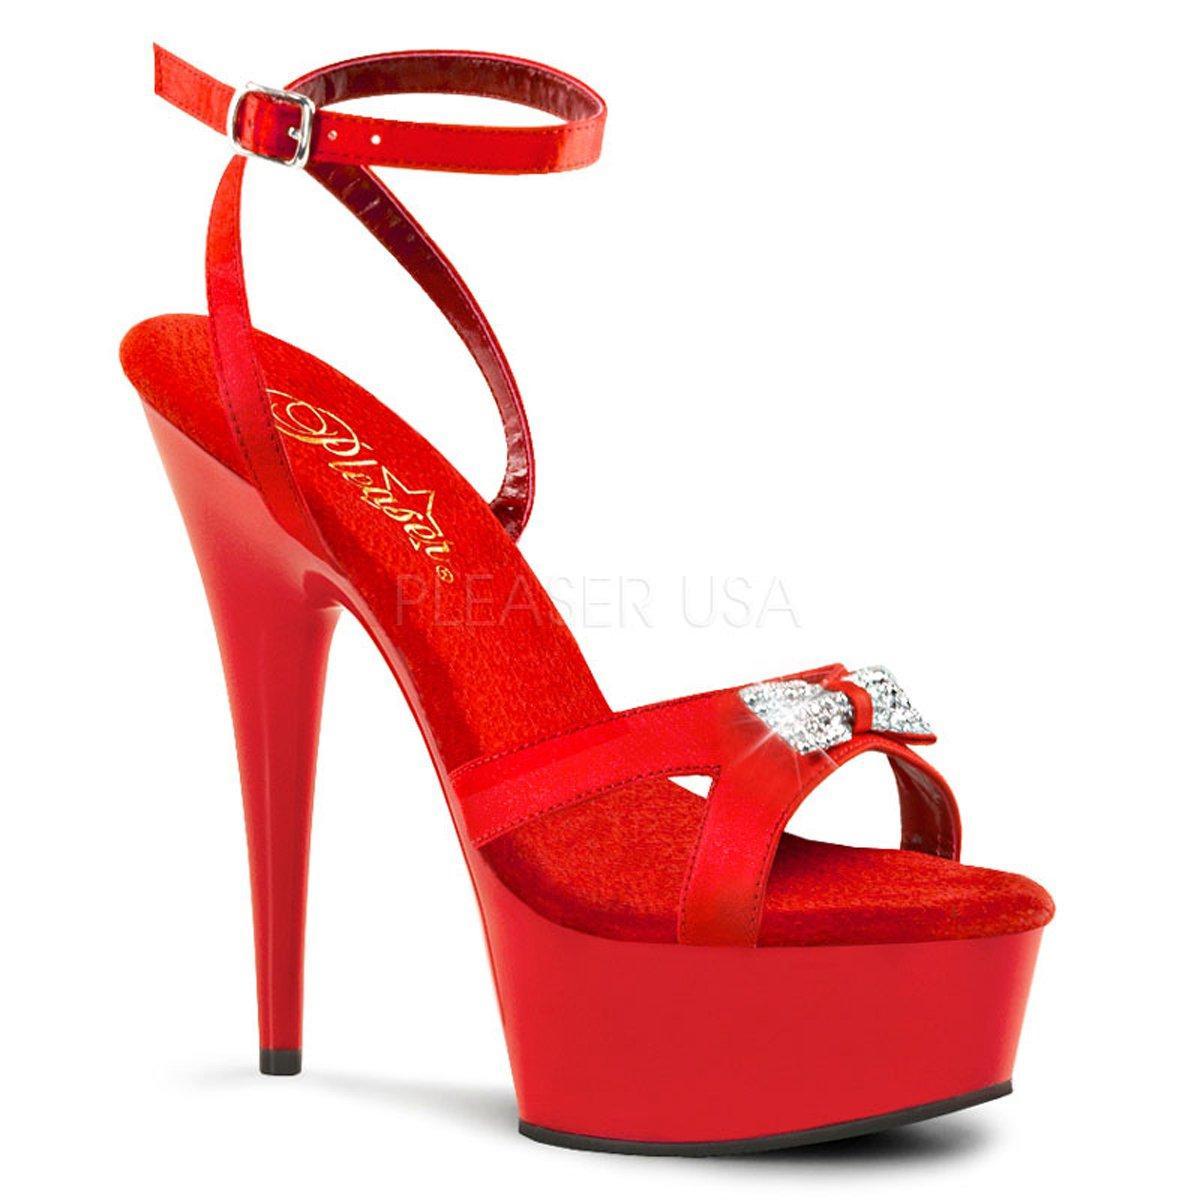 8a02969ec521 DELIGHT-636 Červené společenské sandálky na jehlách s mašlí ...